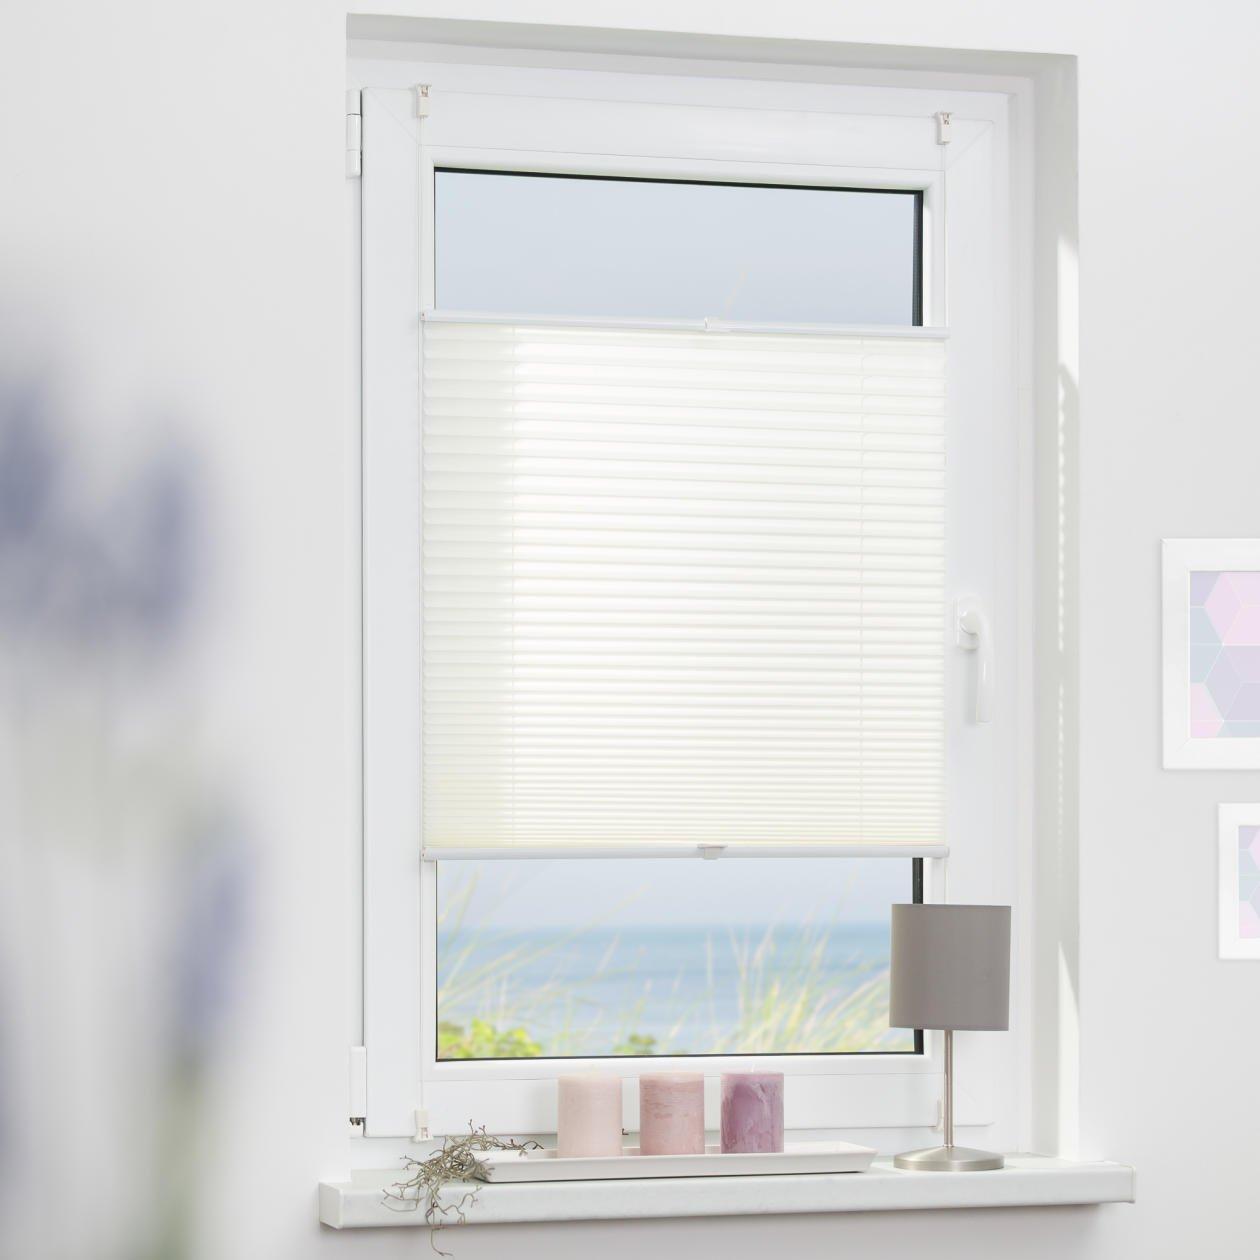 Amazon.de: Lichtblick Plissee Klemmfix, 110 Cm X 130 Cm (B X L) In Weiß,  Ohne Bohren, Sicht  Und